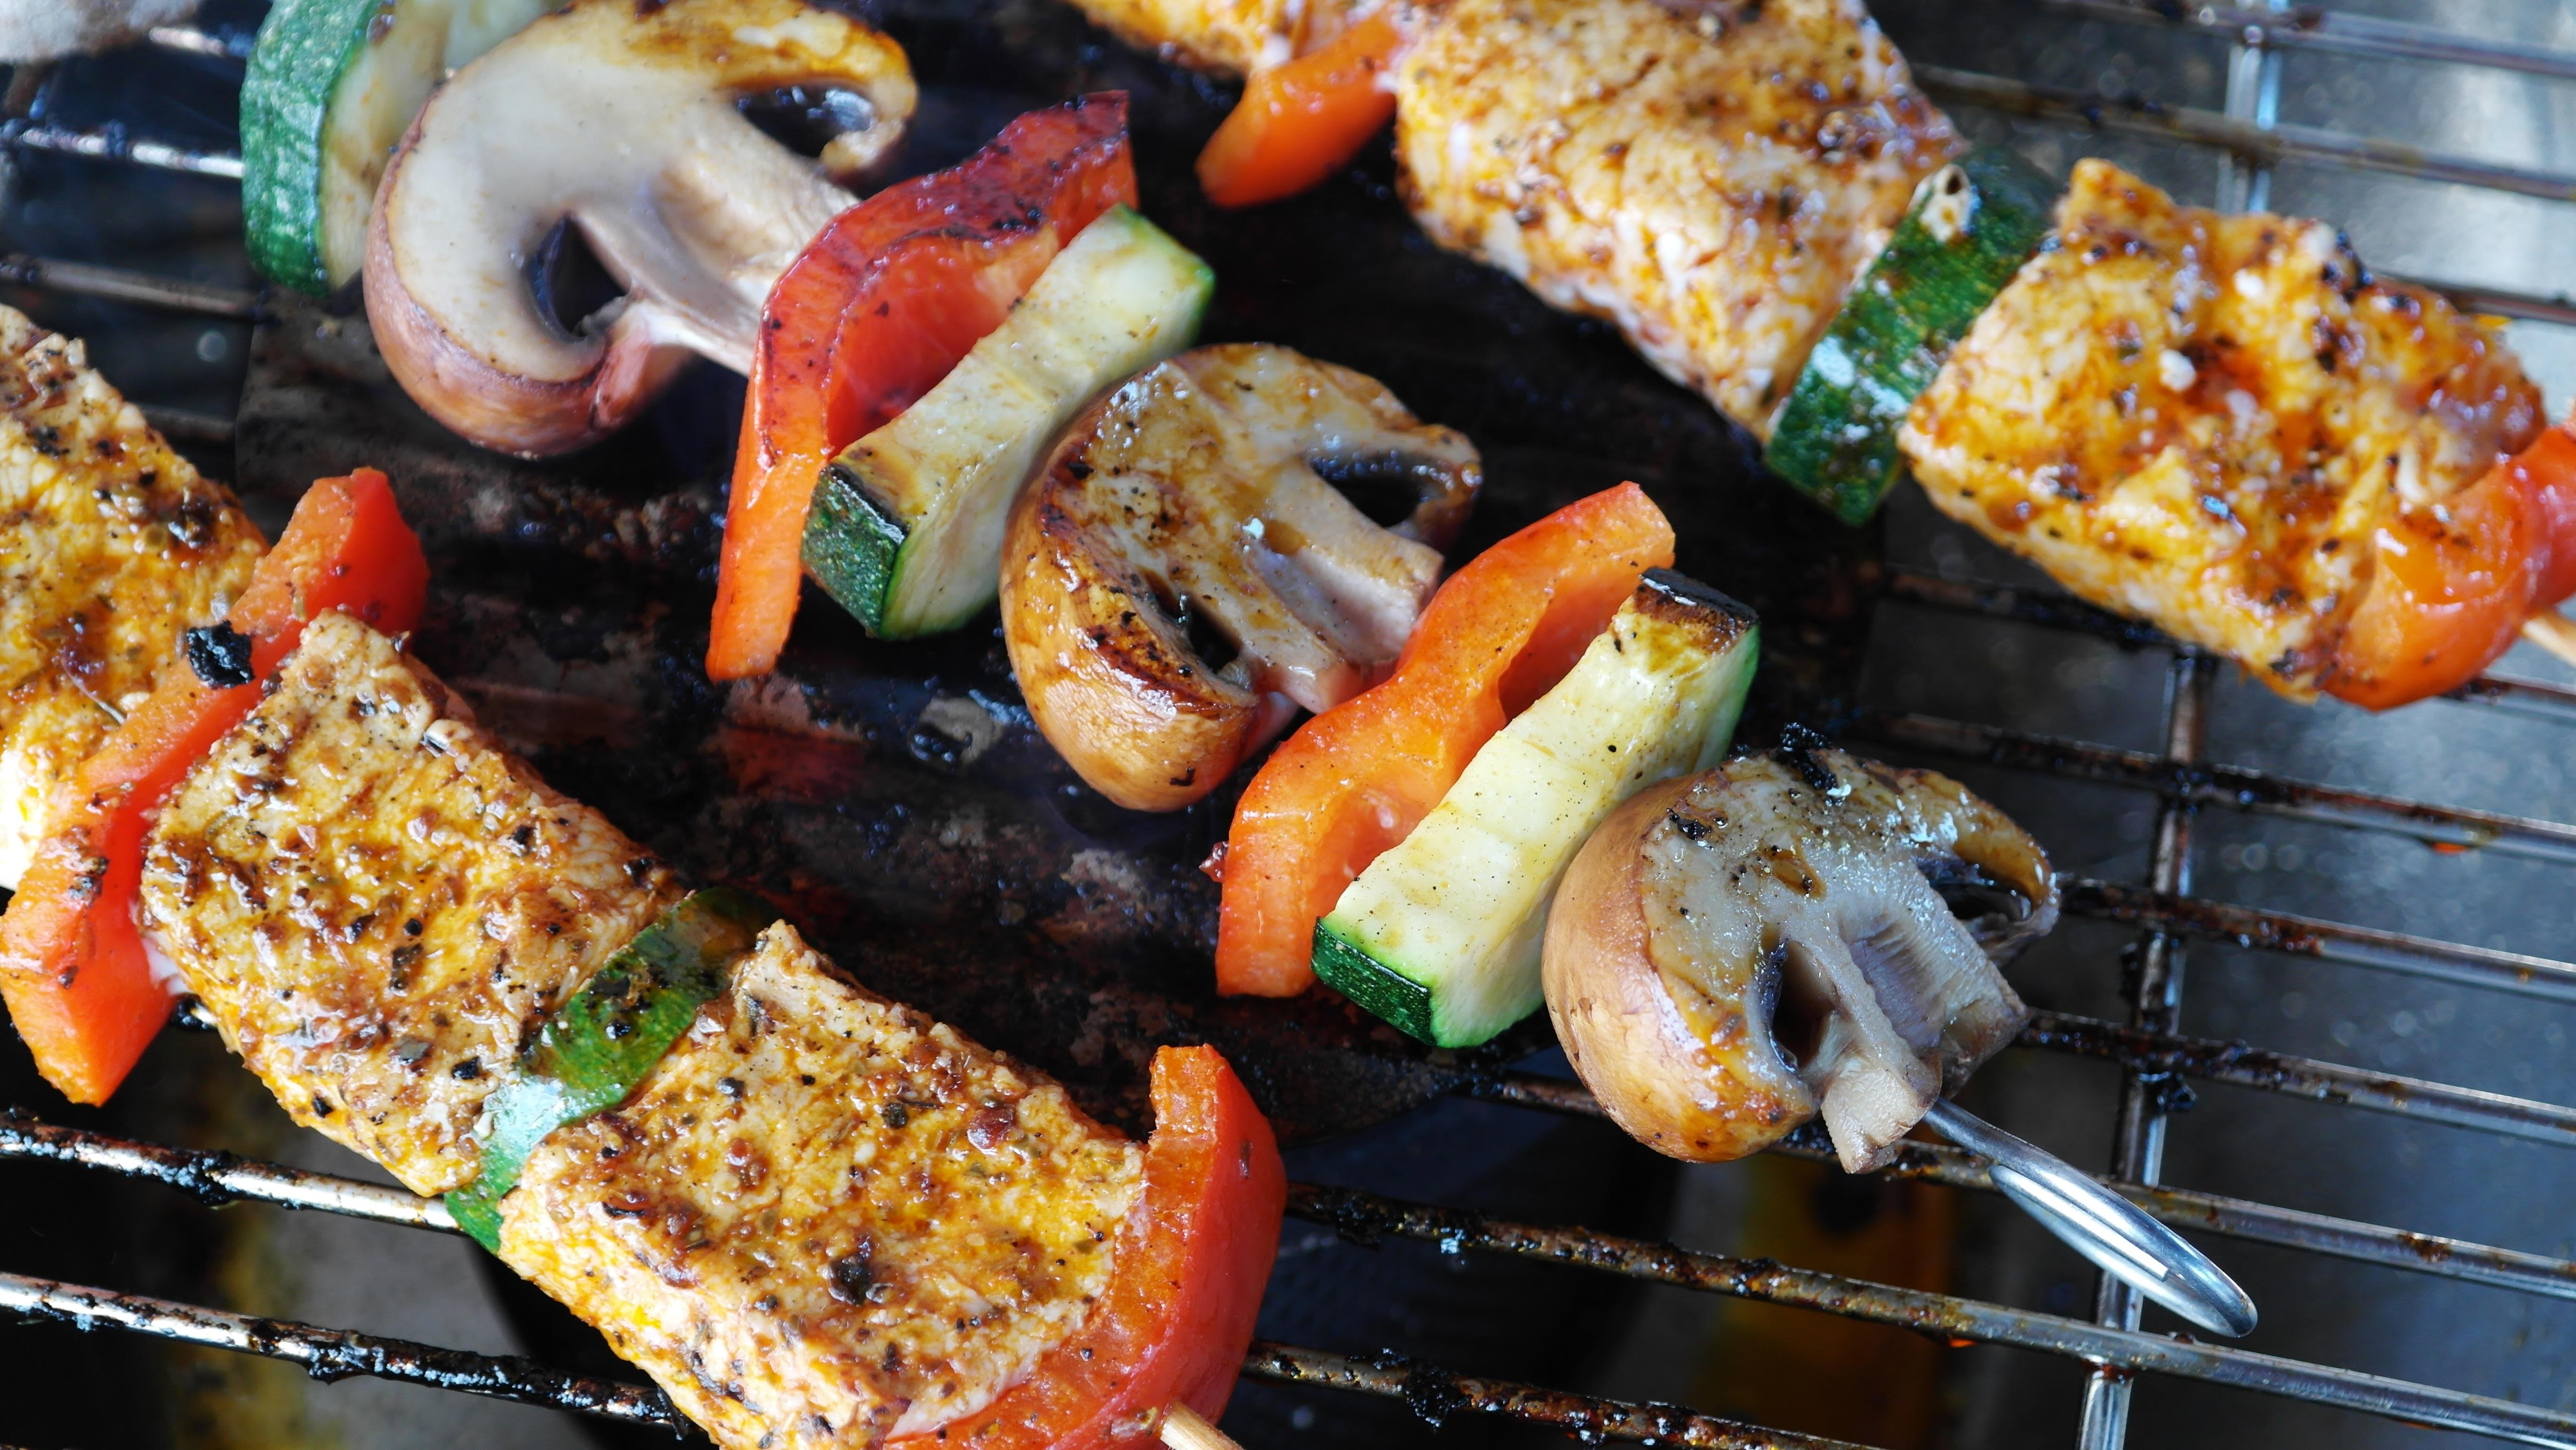 Barbecue viande et végétarien